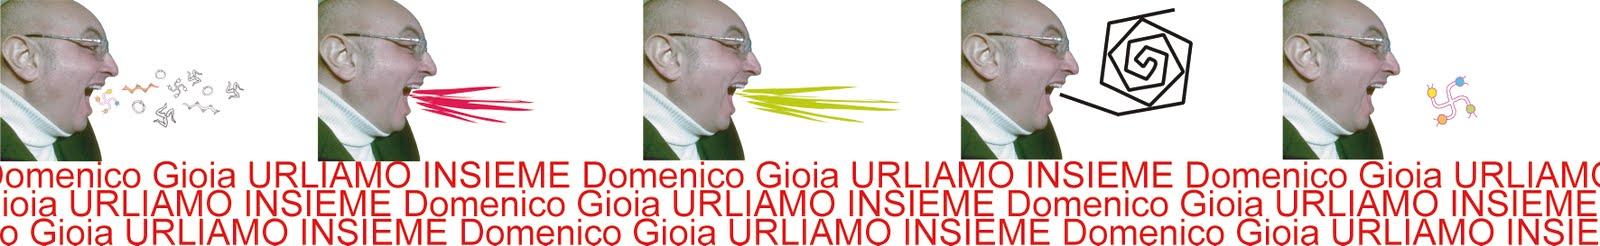 Domenico Gioia - Urliamo!